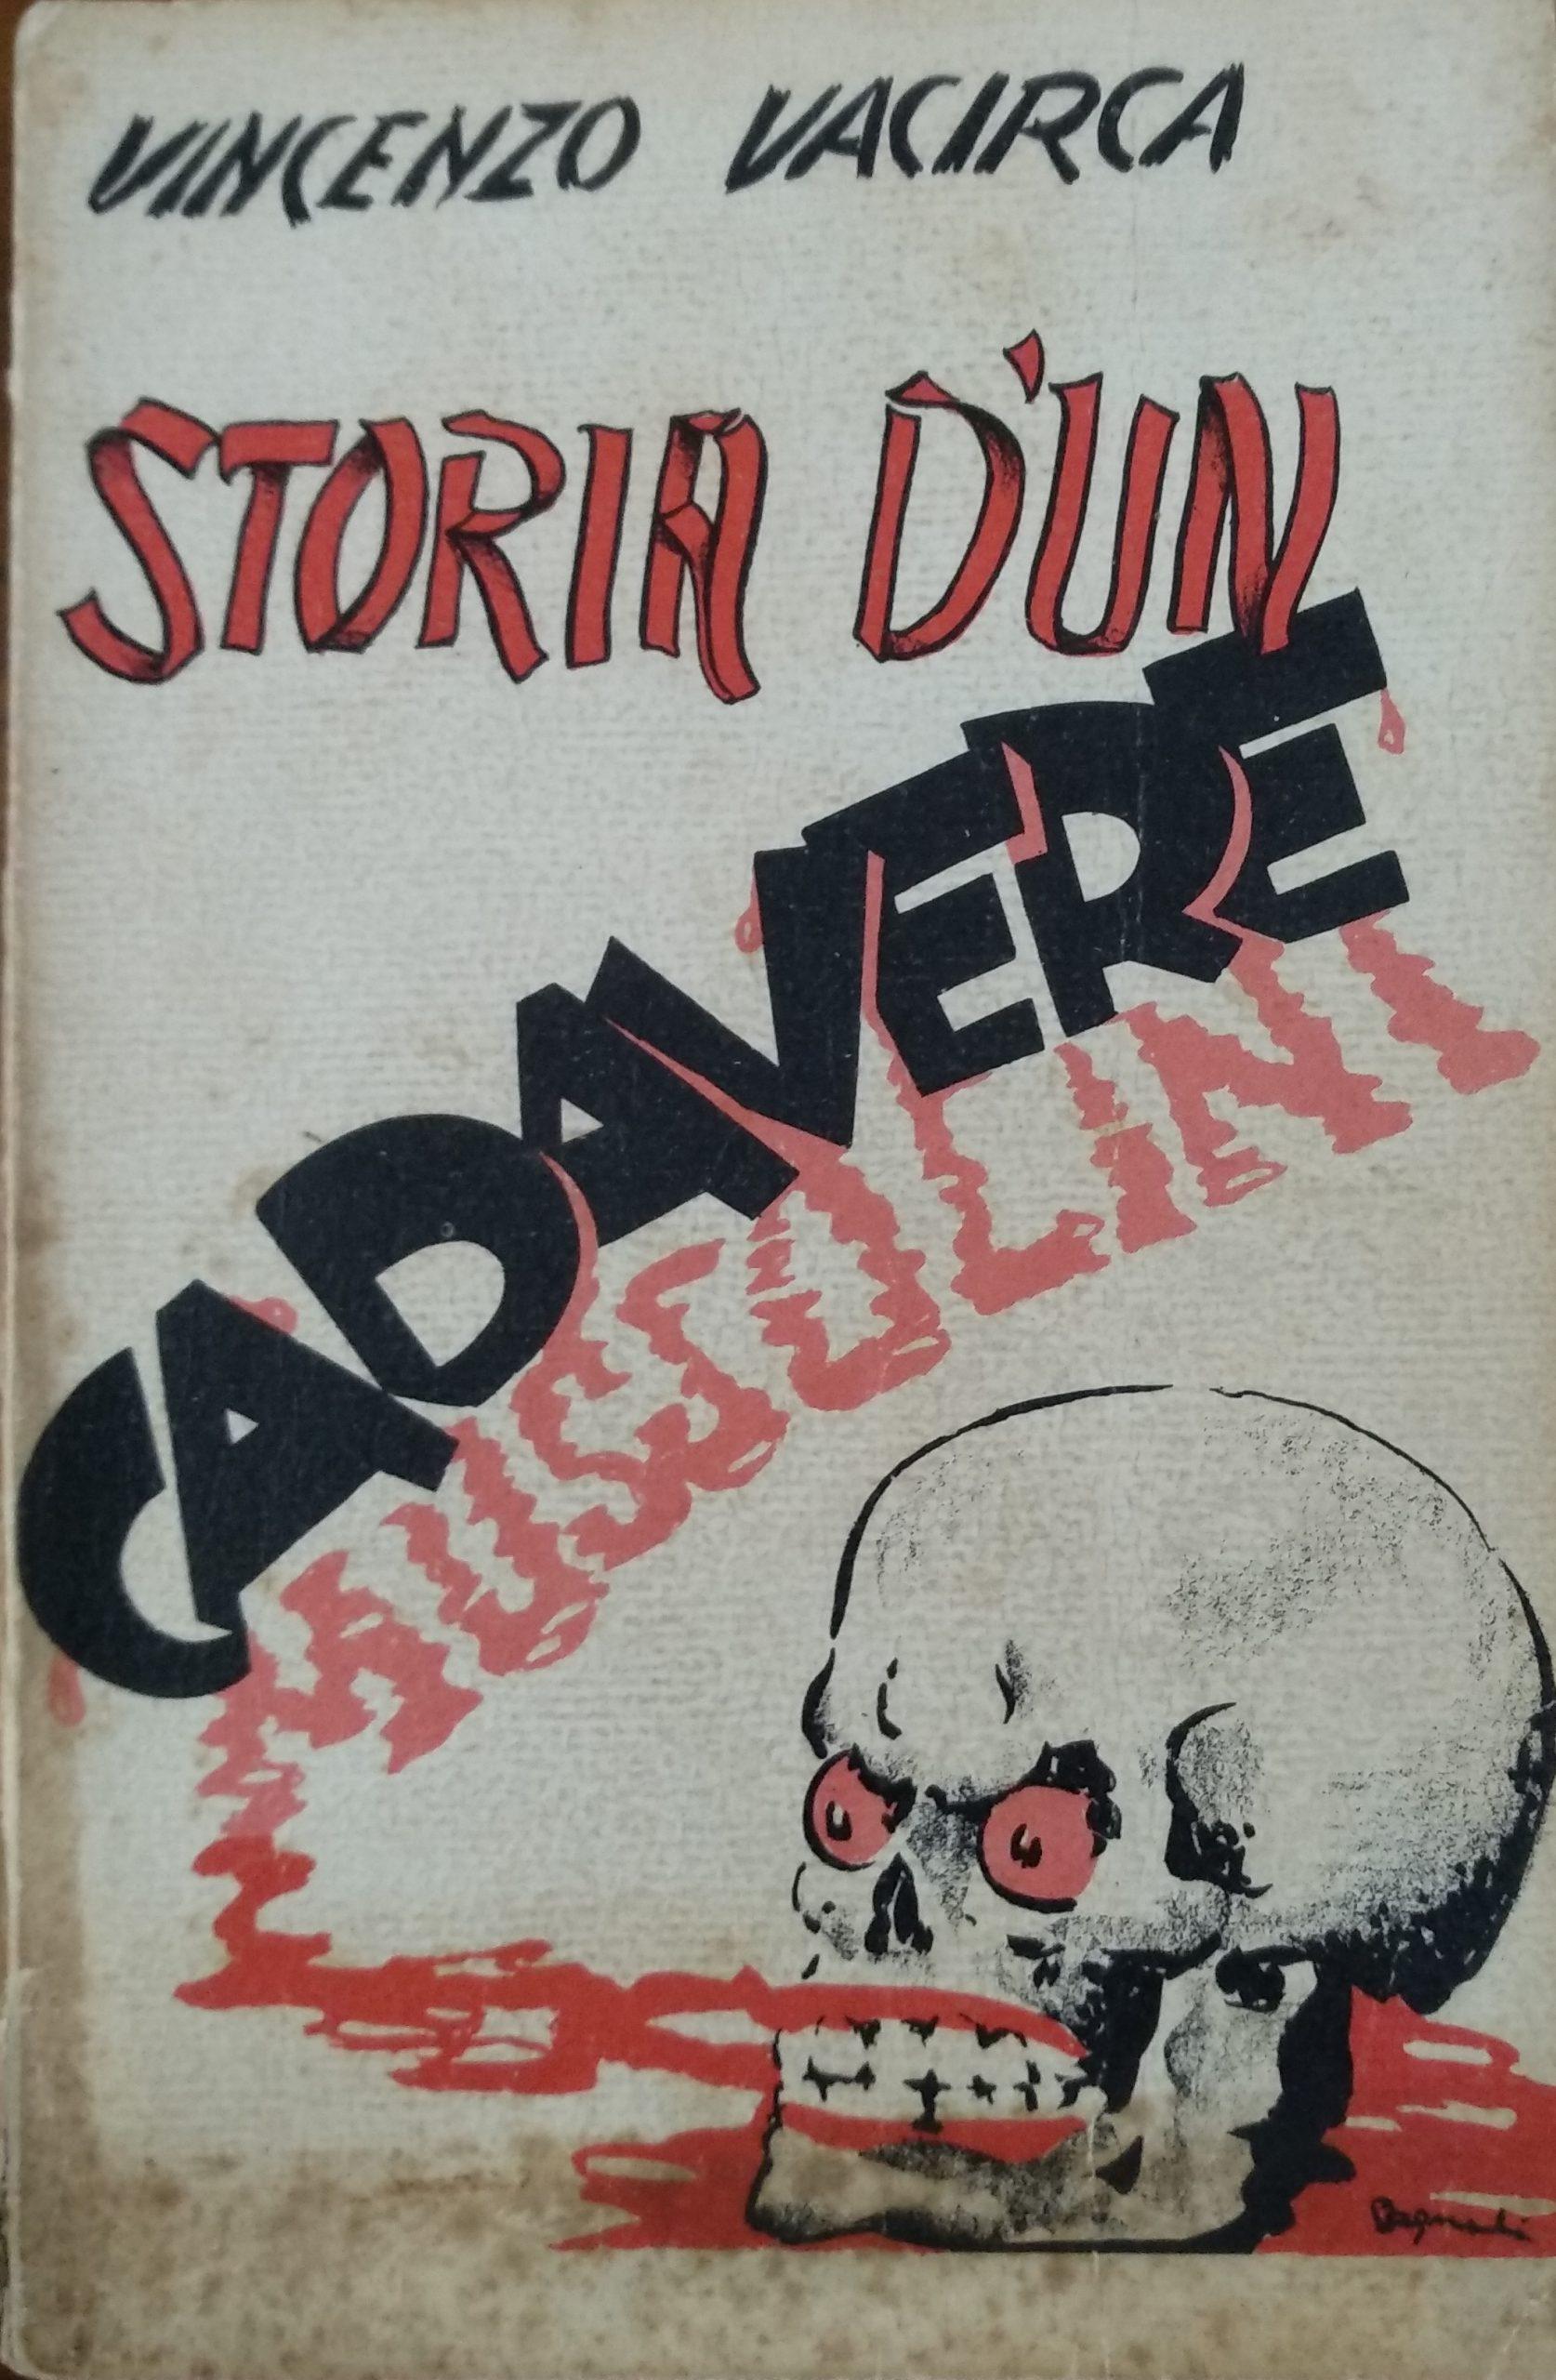 Il cadavere di Mussolini nel 1942? Il mistero Vacirca in un libro scomparso!